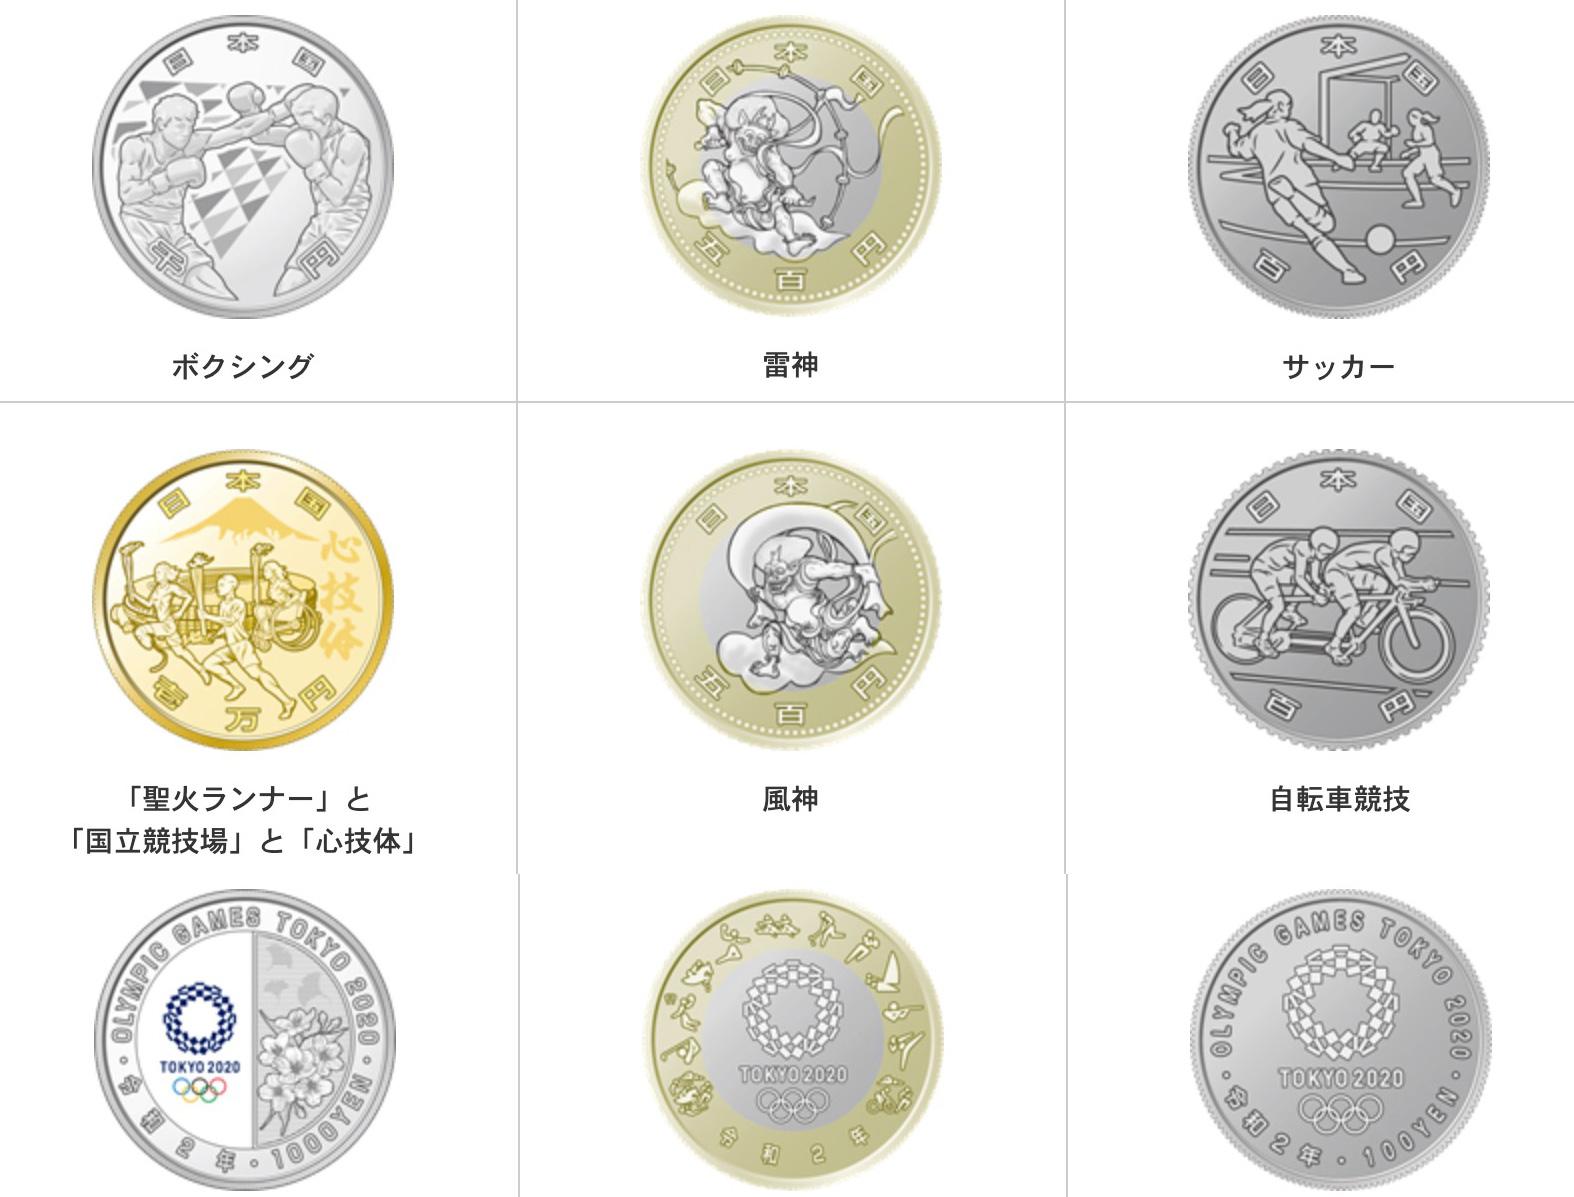 オリンピック 記念 硬貨 2020